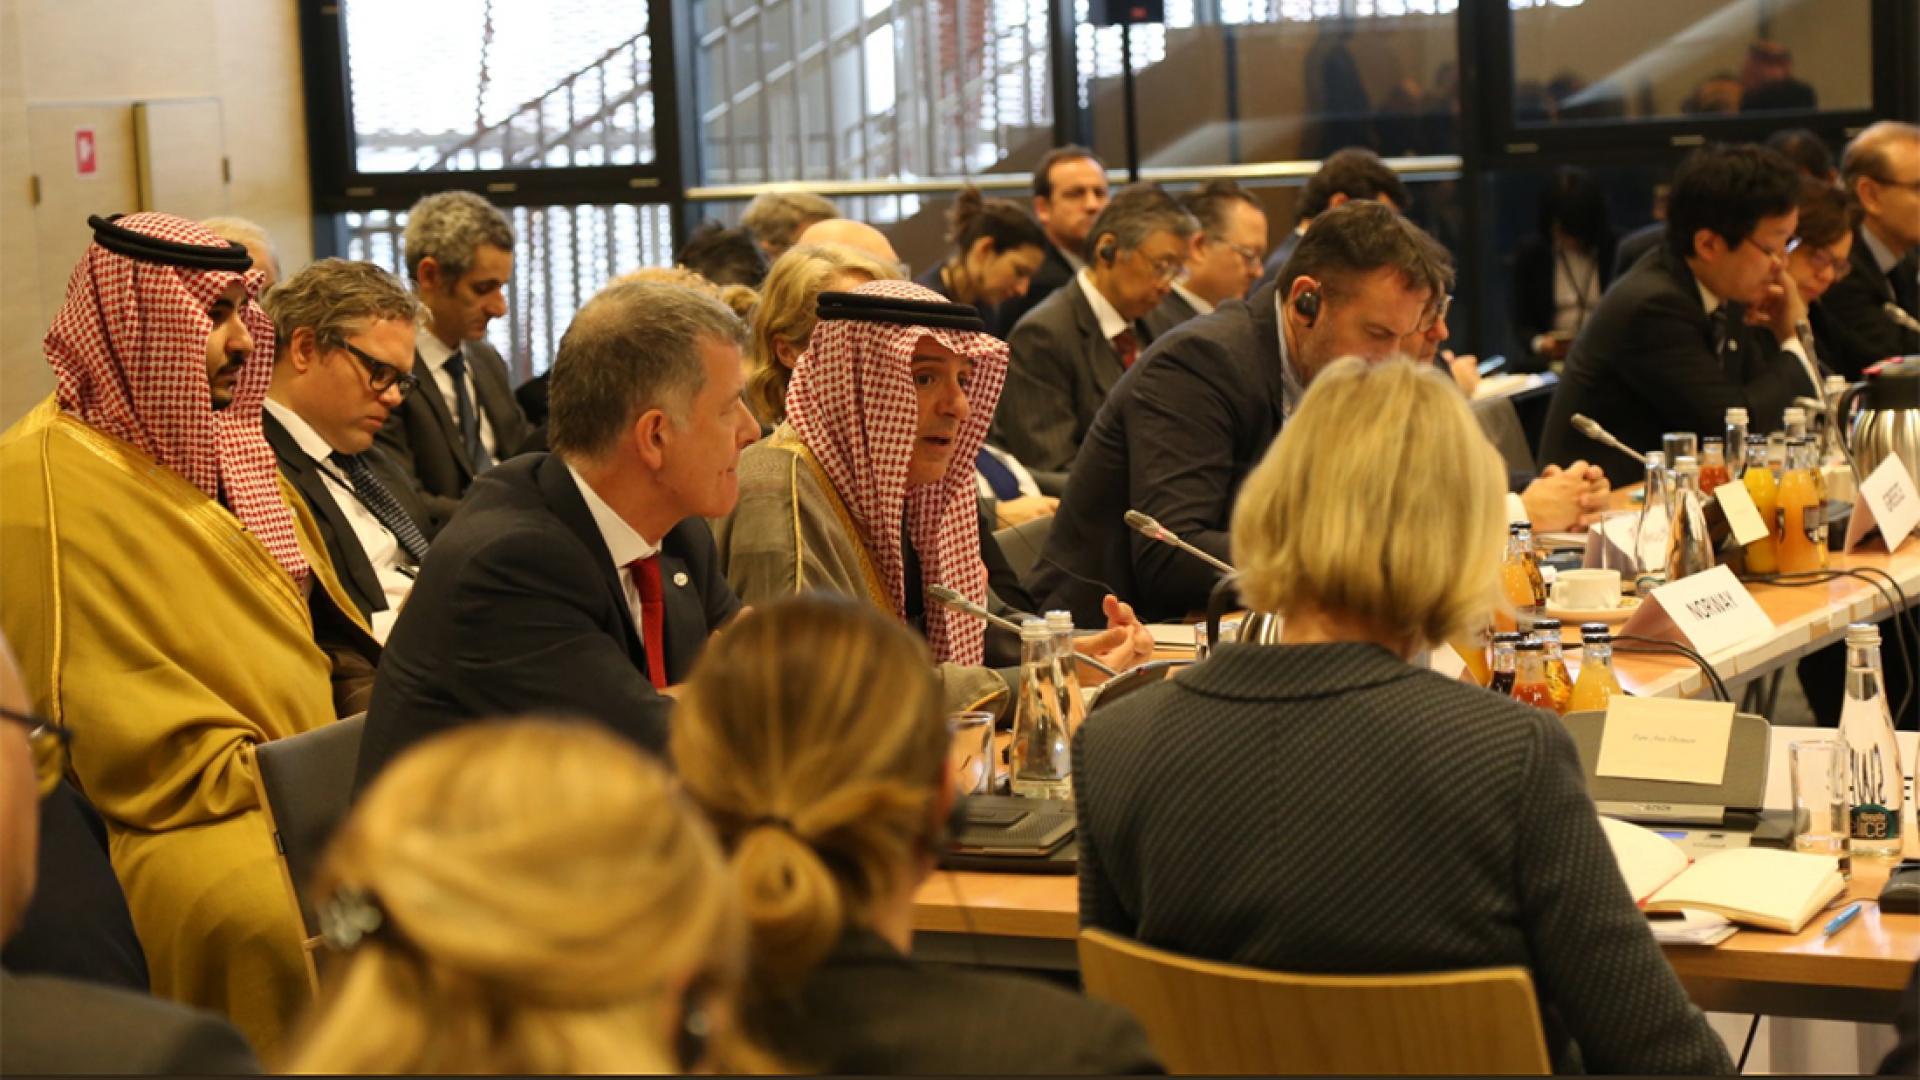 ماذا قال الجبير عن مؤتمر وارسو وكيف تعامل مع أسئلة عن احتمال لقاء نتنياهو؟